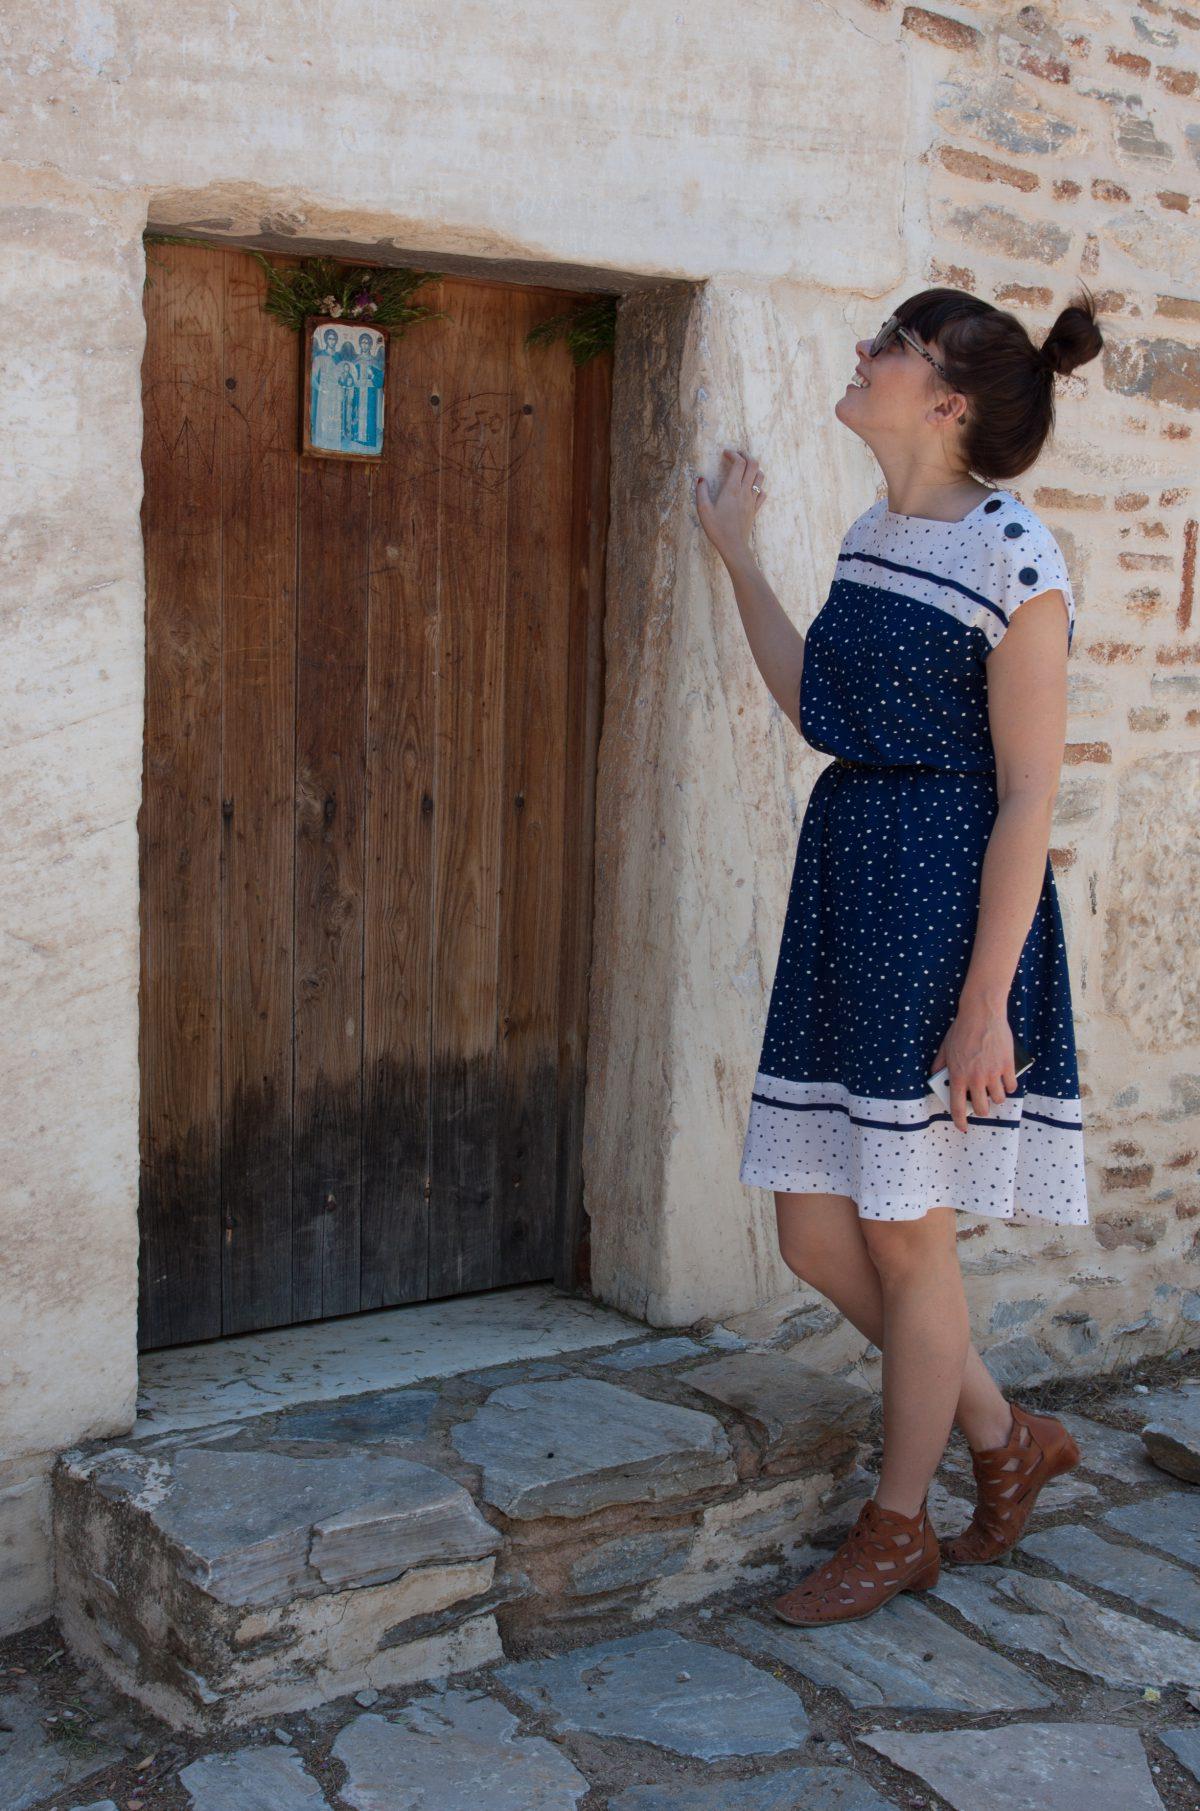 Brittany, portrait, door